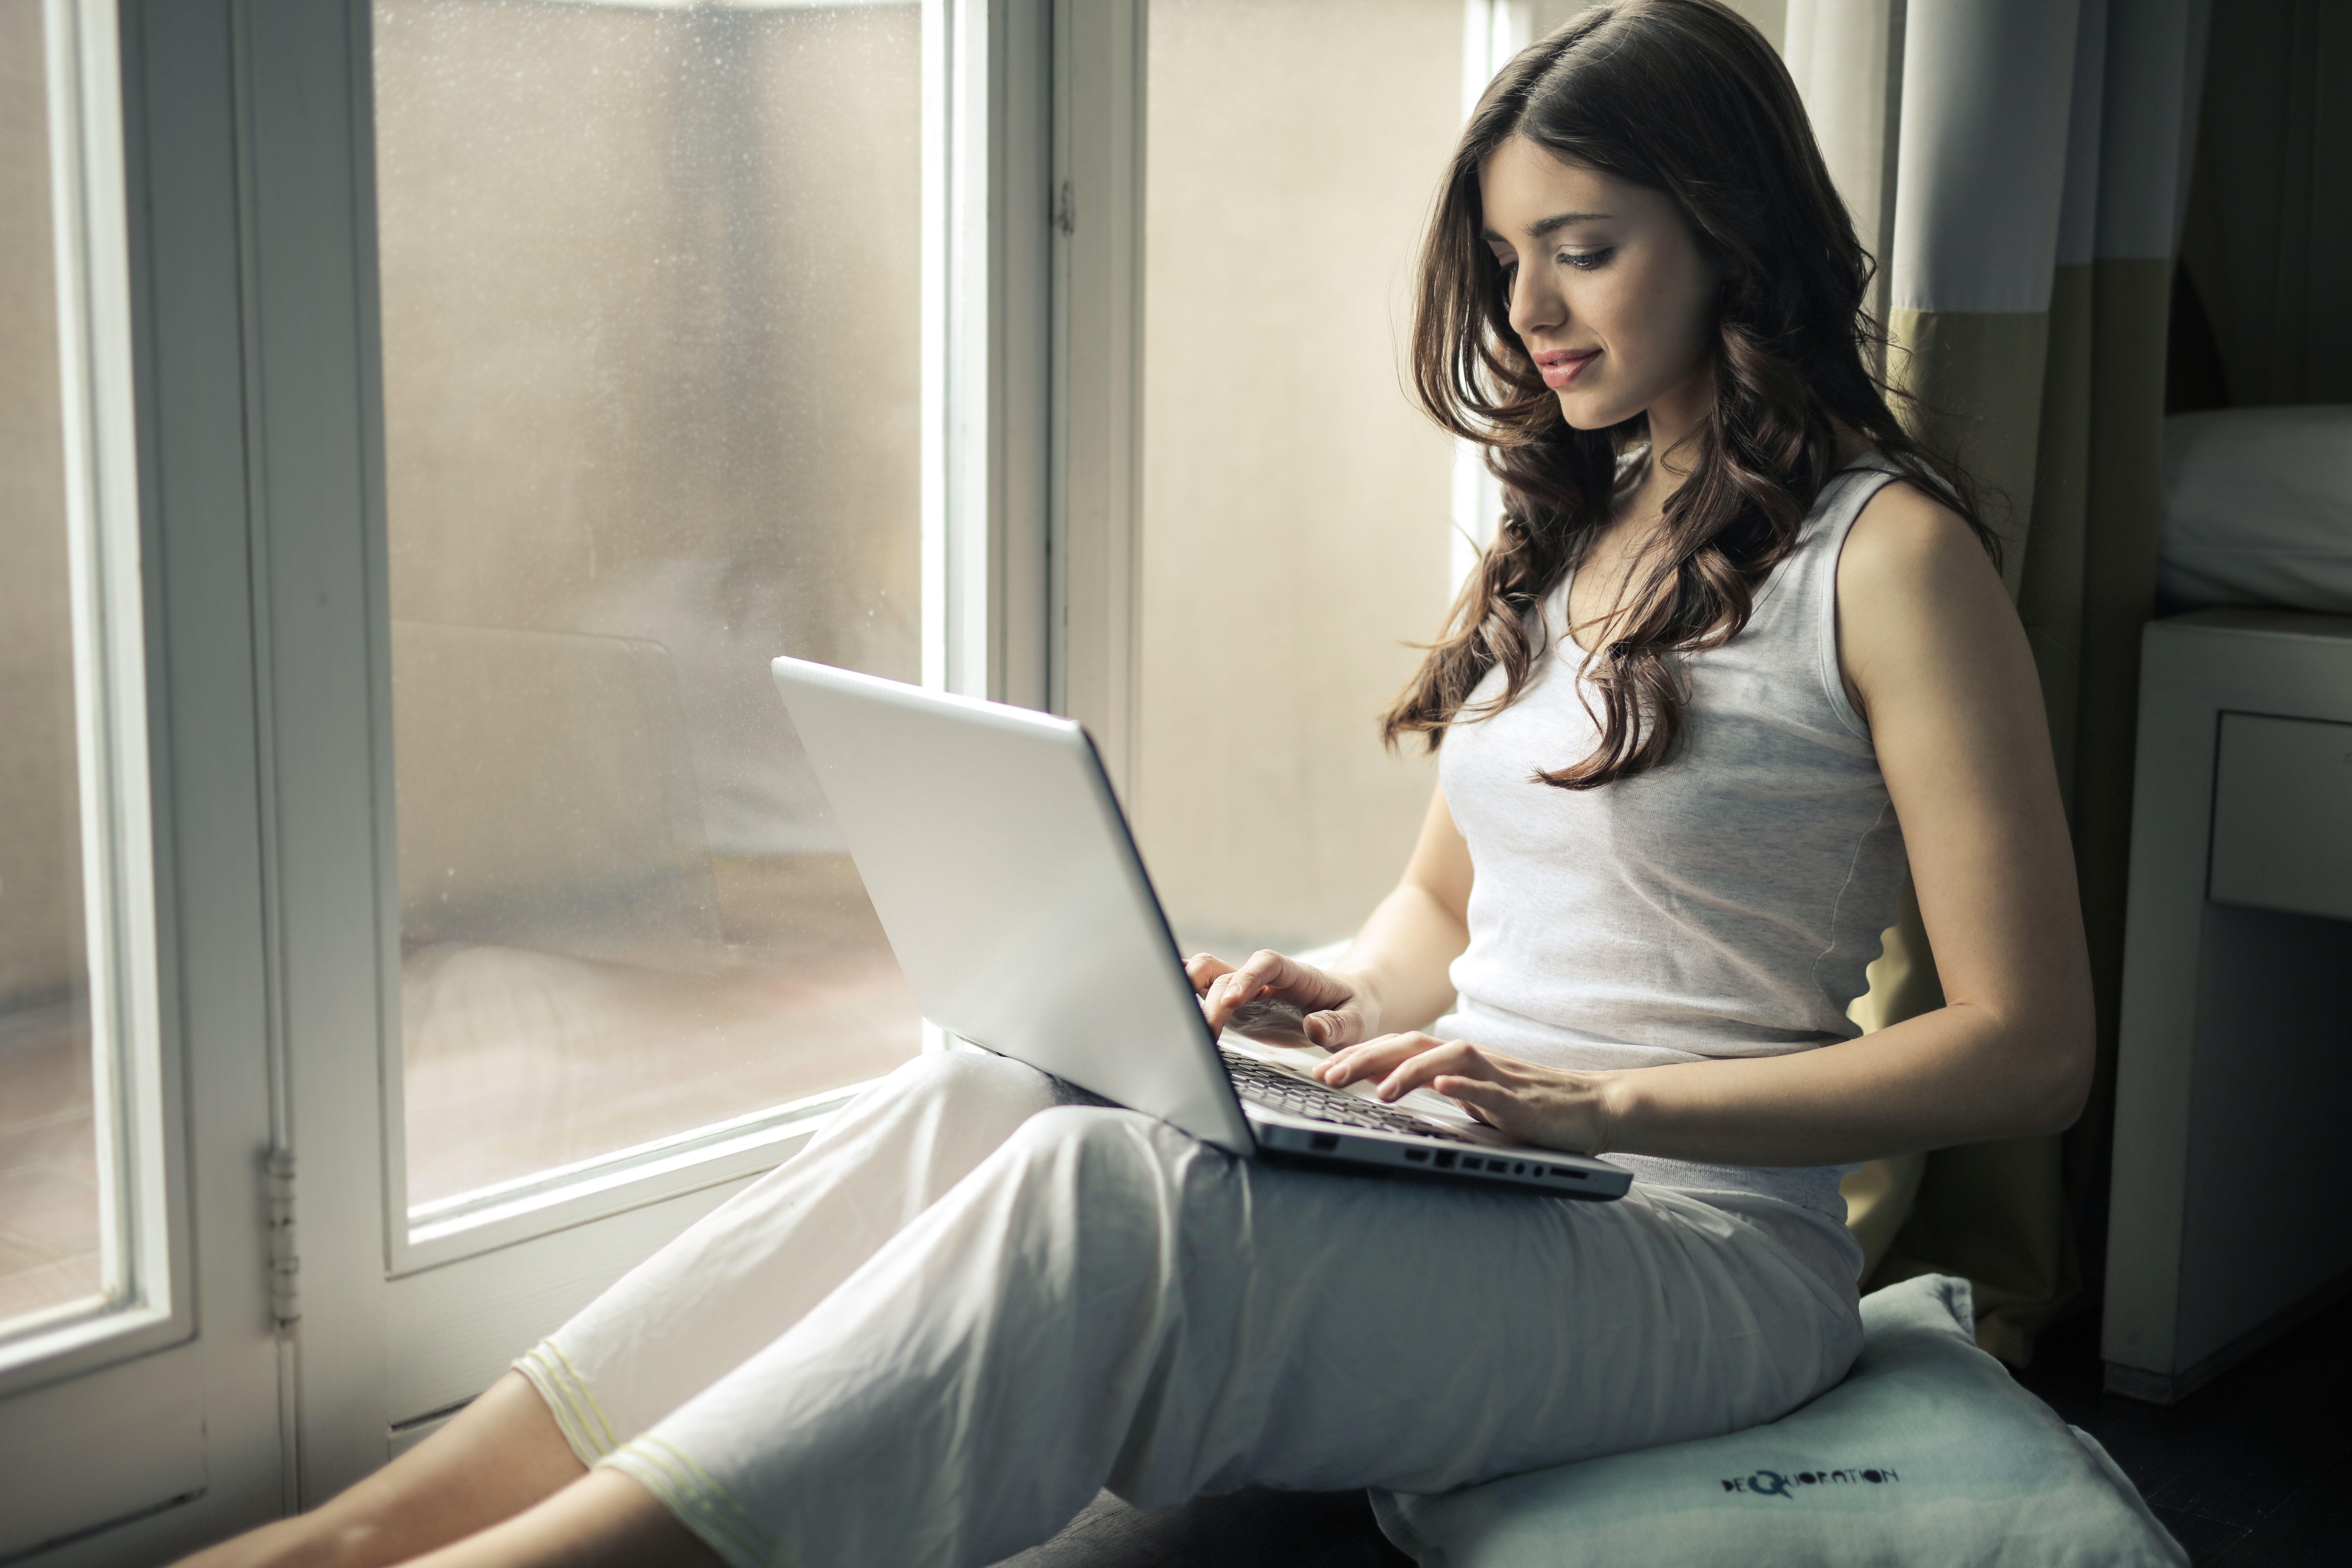 girl using laptop 1575665245 - Girl Using Laptop -